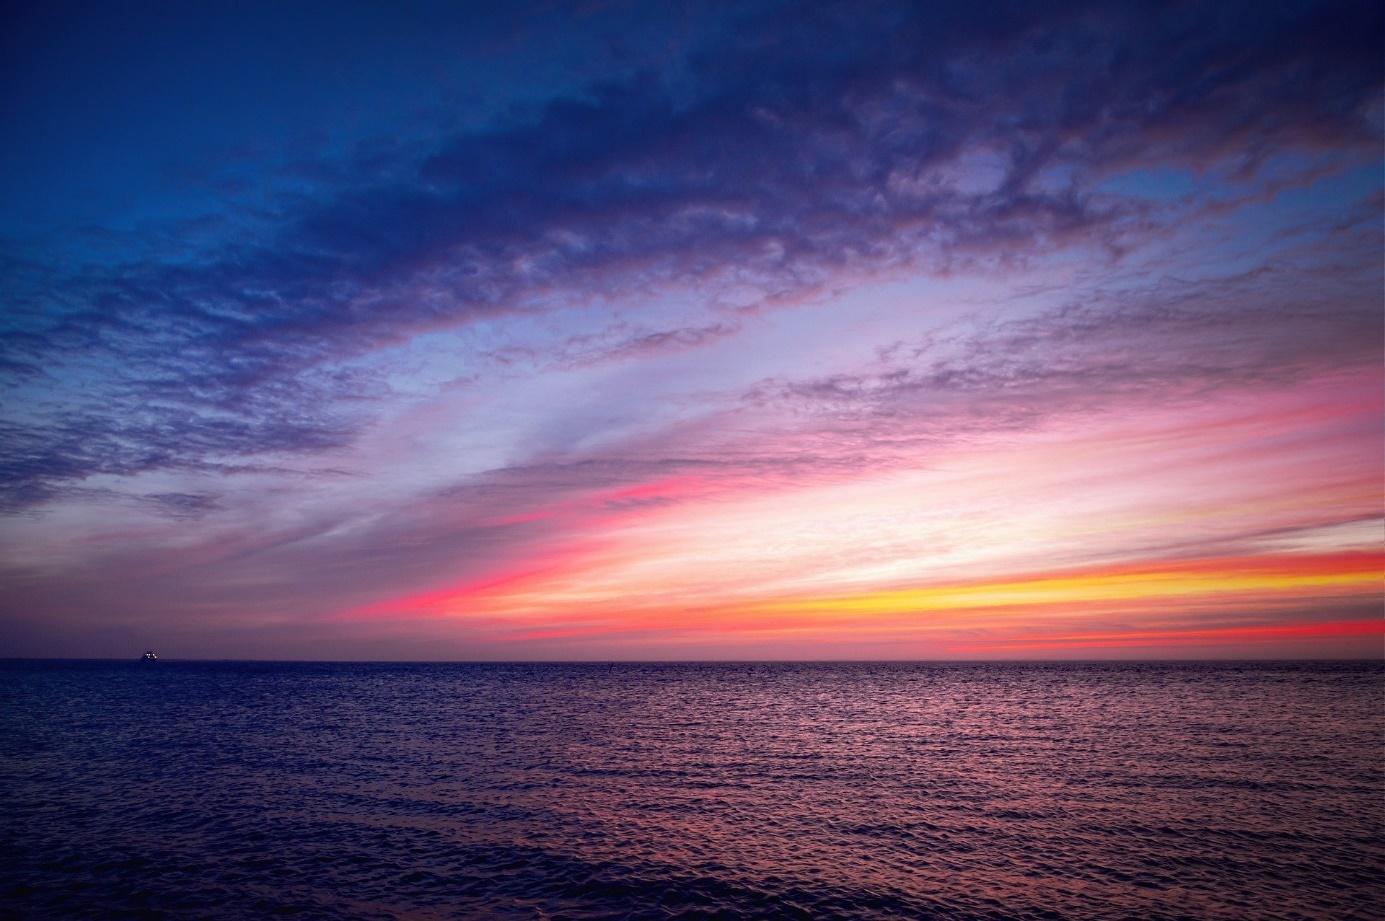 Une image contenant eau, nature, crépuscule, nuage  Description générée automatiquement